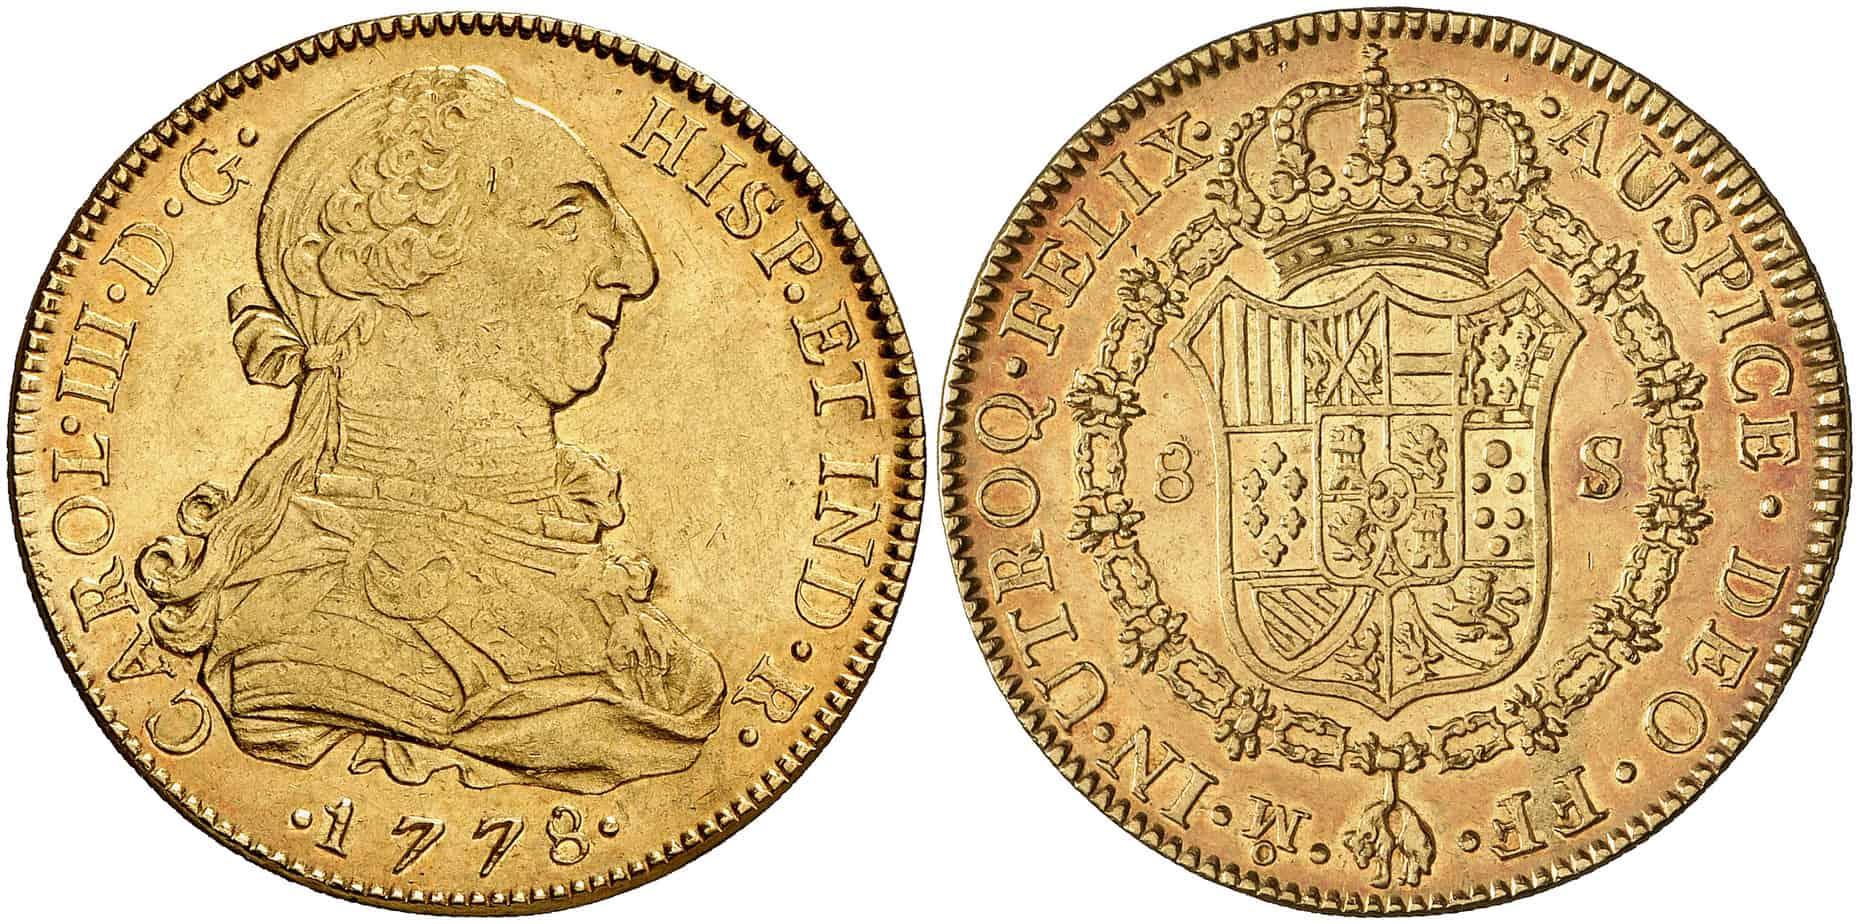 8 escudos de México de 1778. Subastado por Áureo & Calicó en abril de 2008.